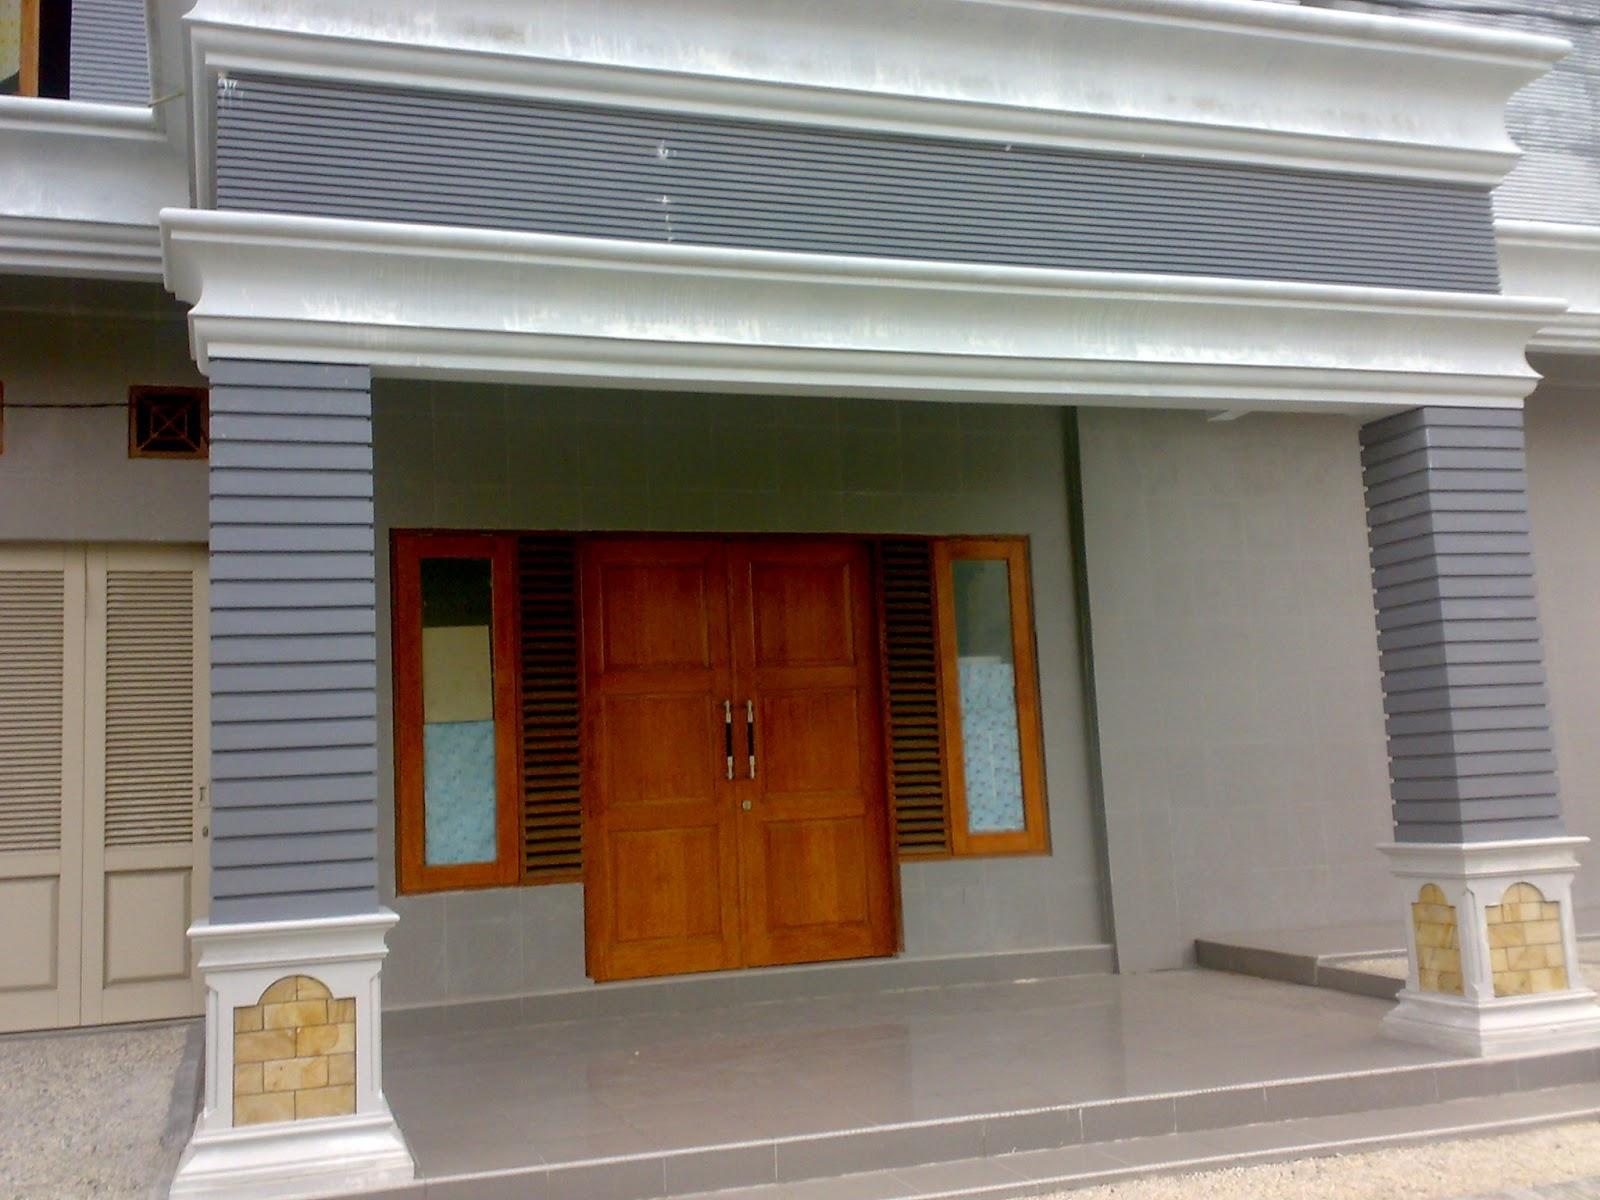 490+Model Relief Tiang Teras Rumah   Huniankini